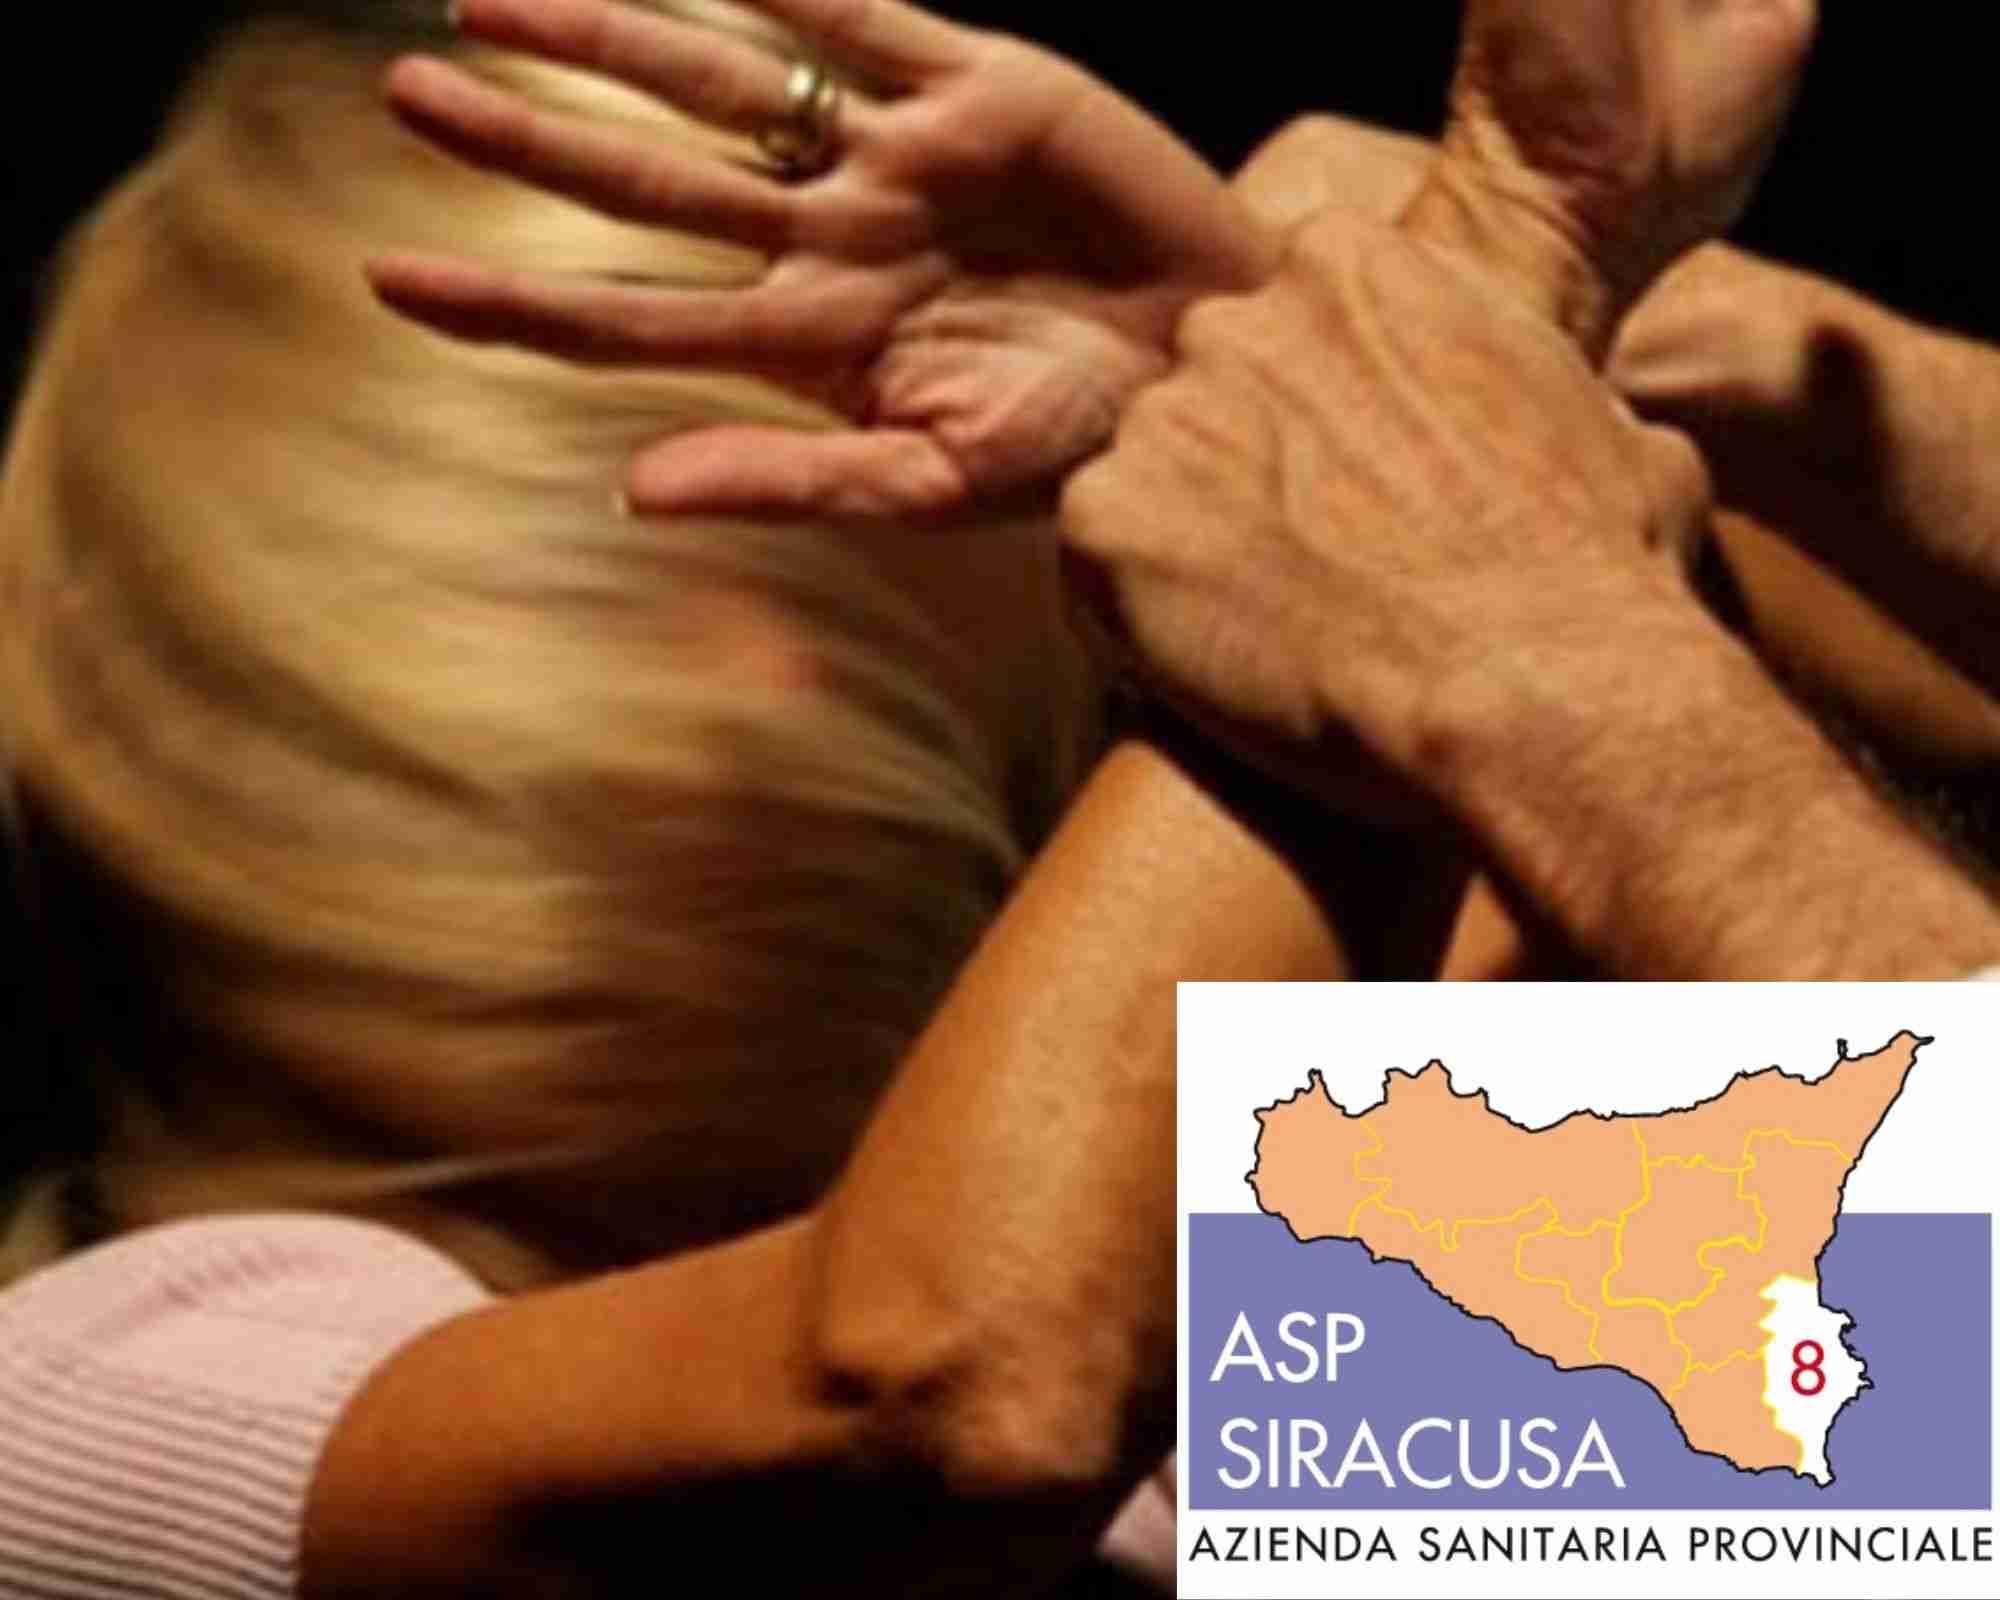 Coronavirus: l'Asp di Siracusa attiva un servizio telefonico di assistenza alle vittime di violenze